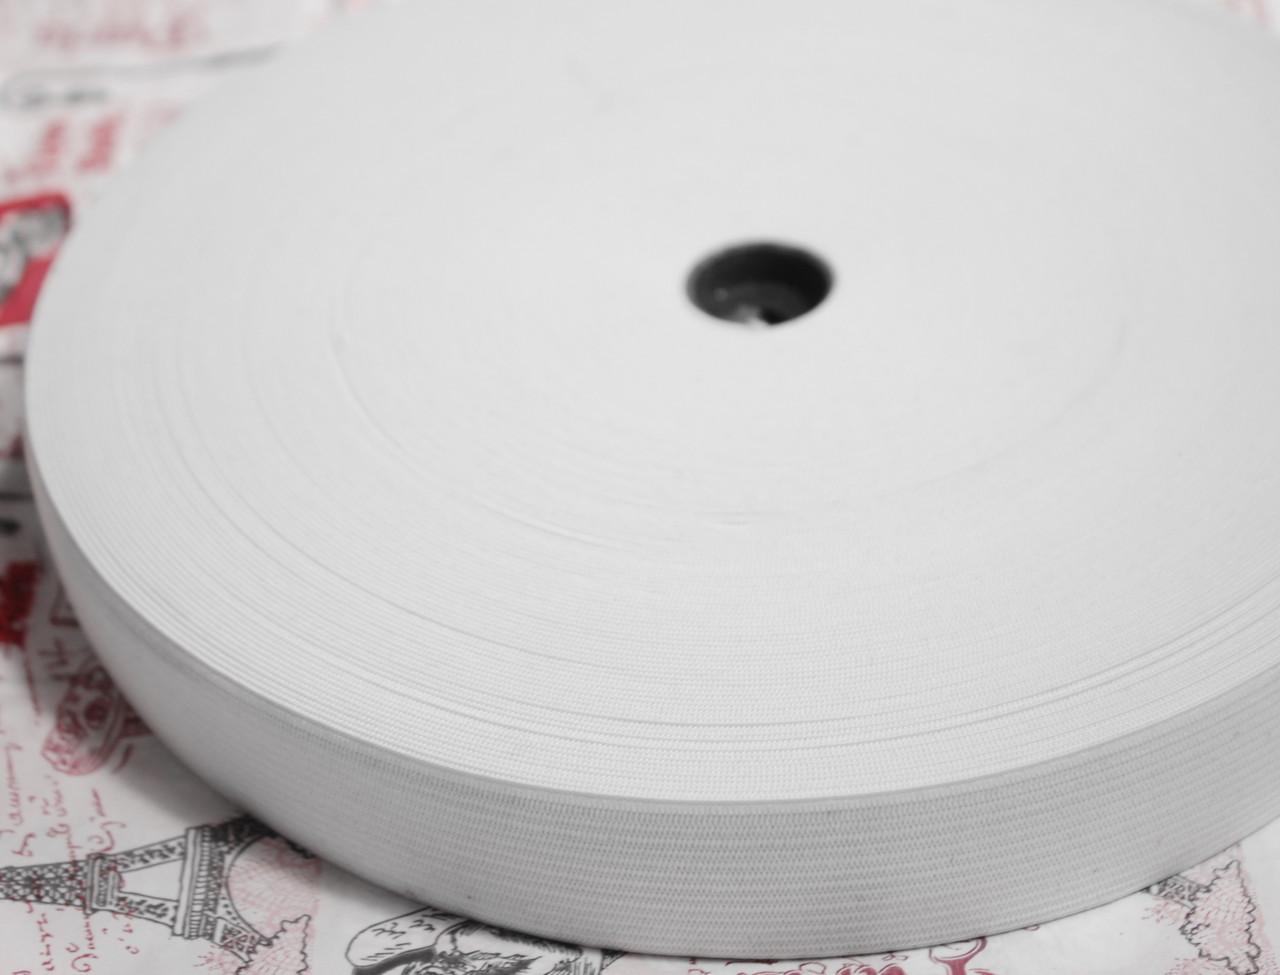 Резинка текстильная белая плотная 2см, 25м